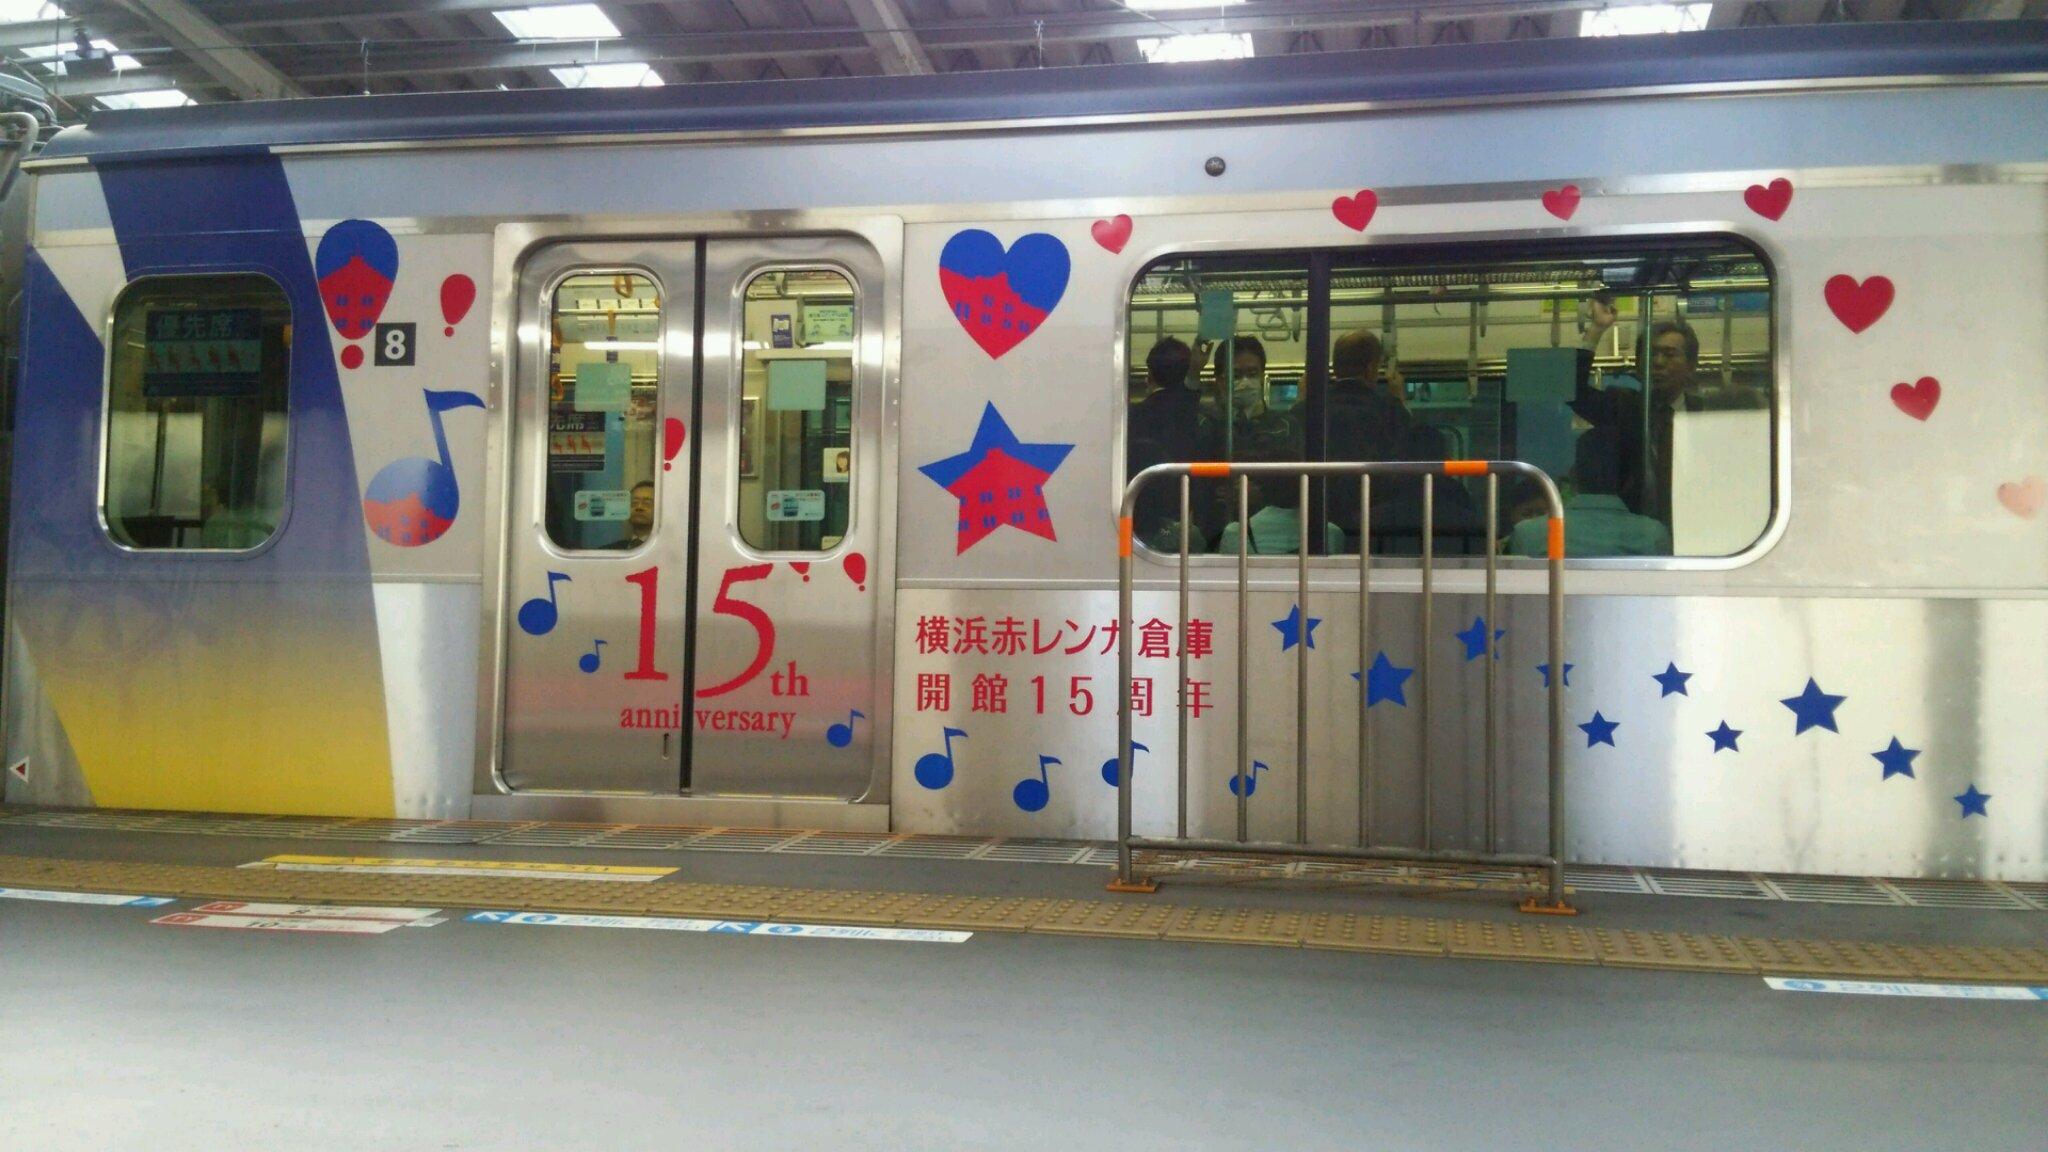 15周年記念ラッピング列車